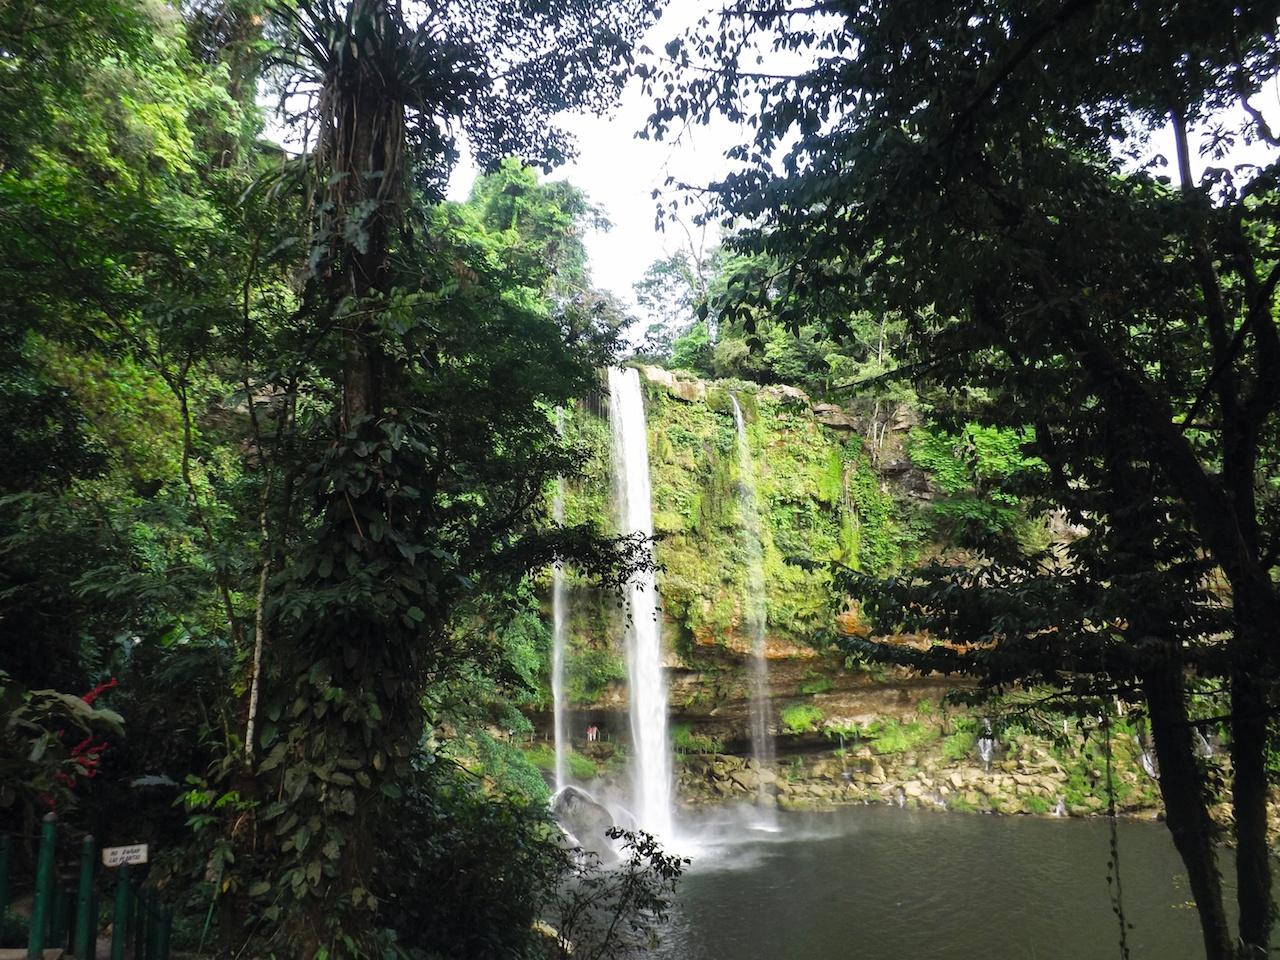 Wasserfall in Mexiko: Auf einer Rundreise durch die Maya Hochburg kommen auch Naturliebhaber voll und ganz auf ihre Kosten!